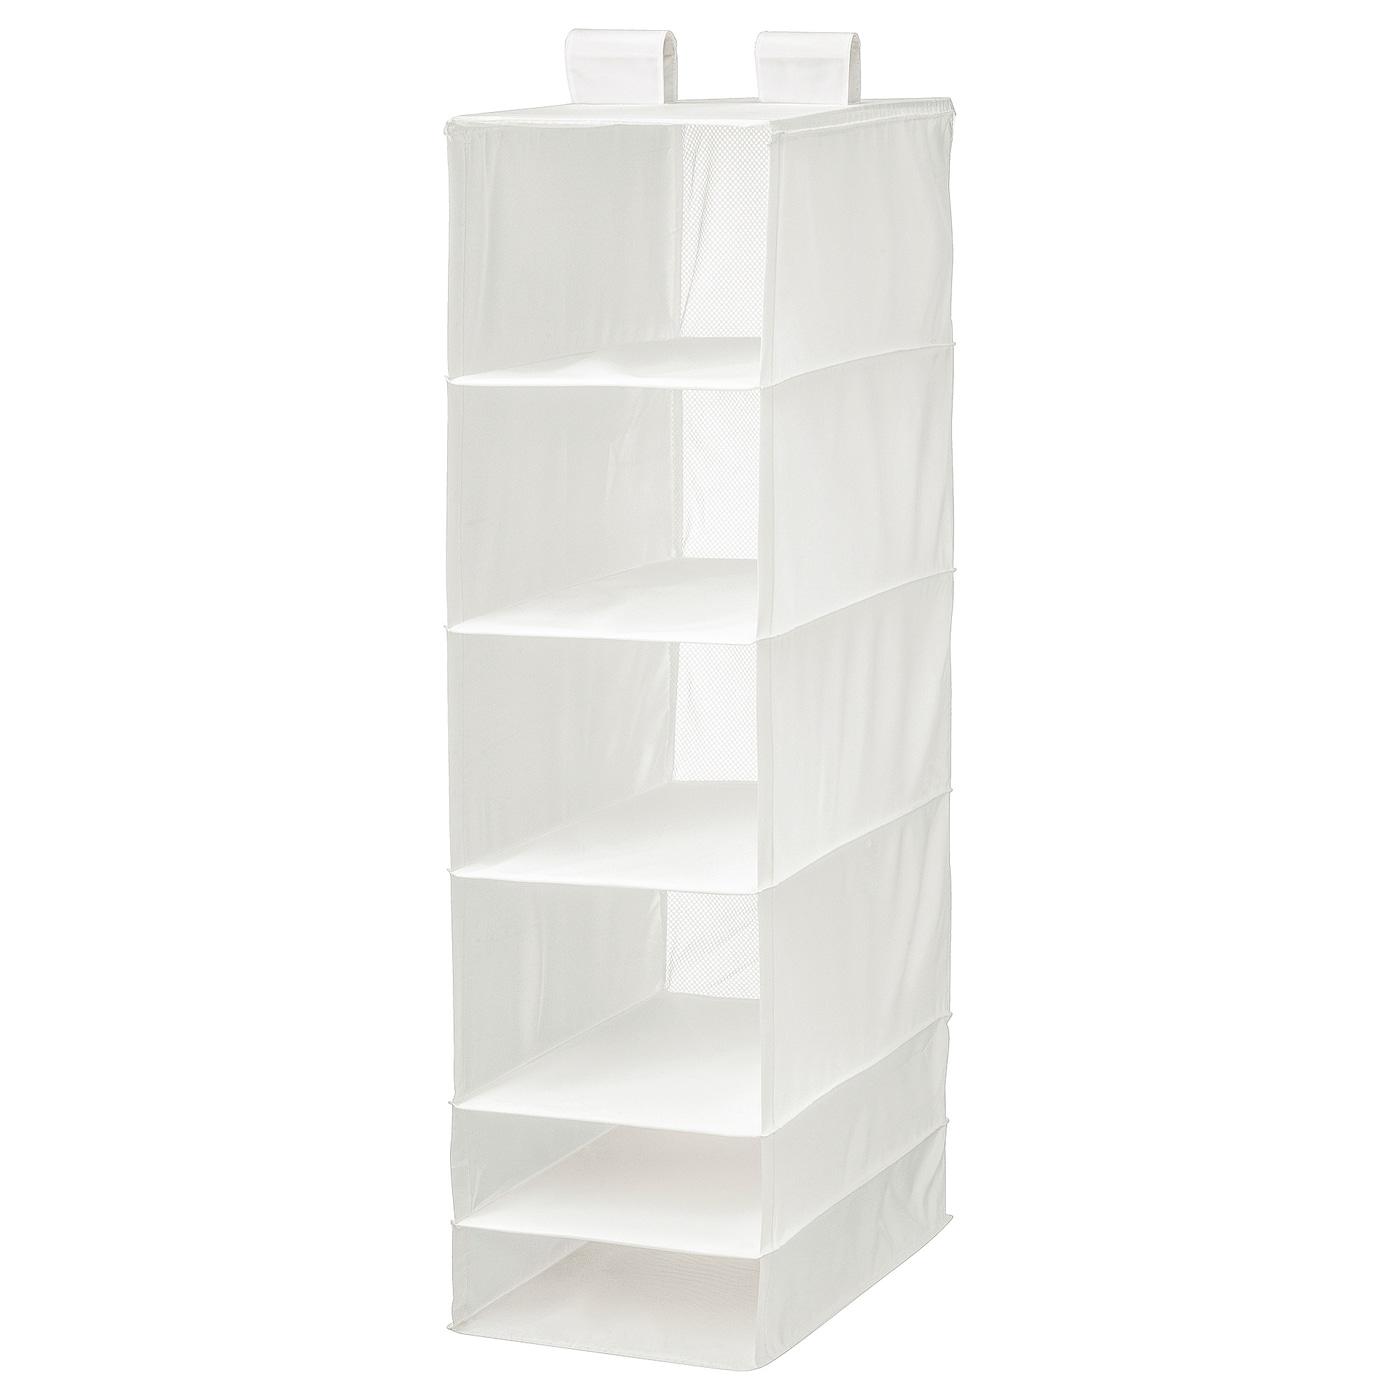 Paniers A Linge Pliables Ikea Skubb Module De Rangement Panier A Linge Avec Support Blanc 80 L Cuisine Maison Hotelaomori Co Jp